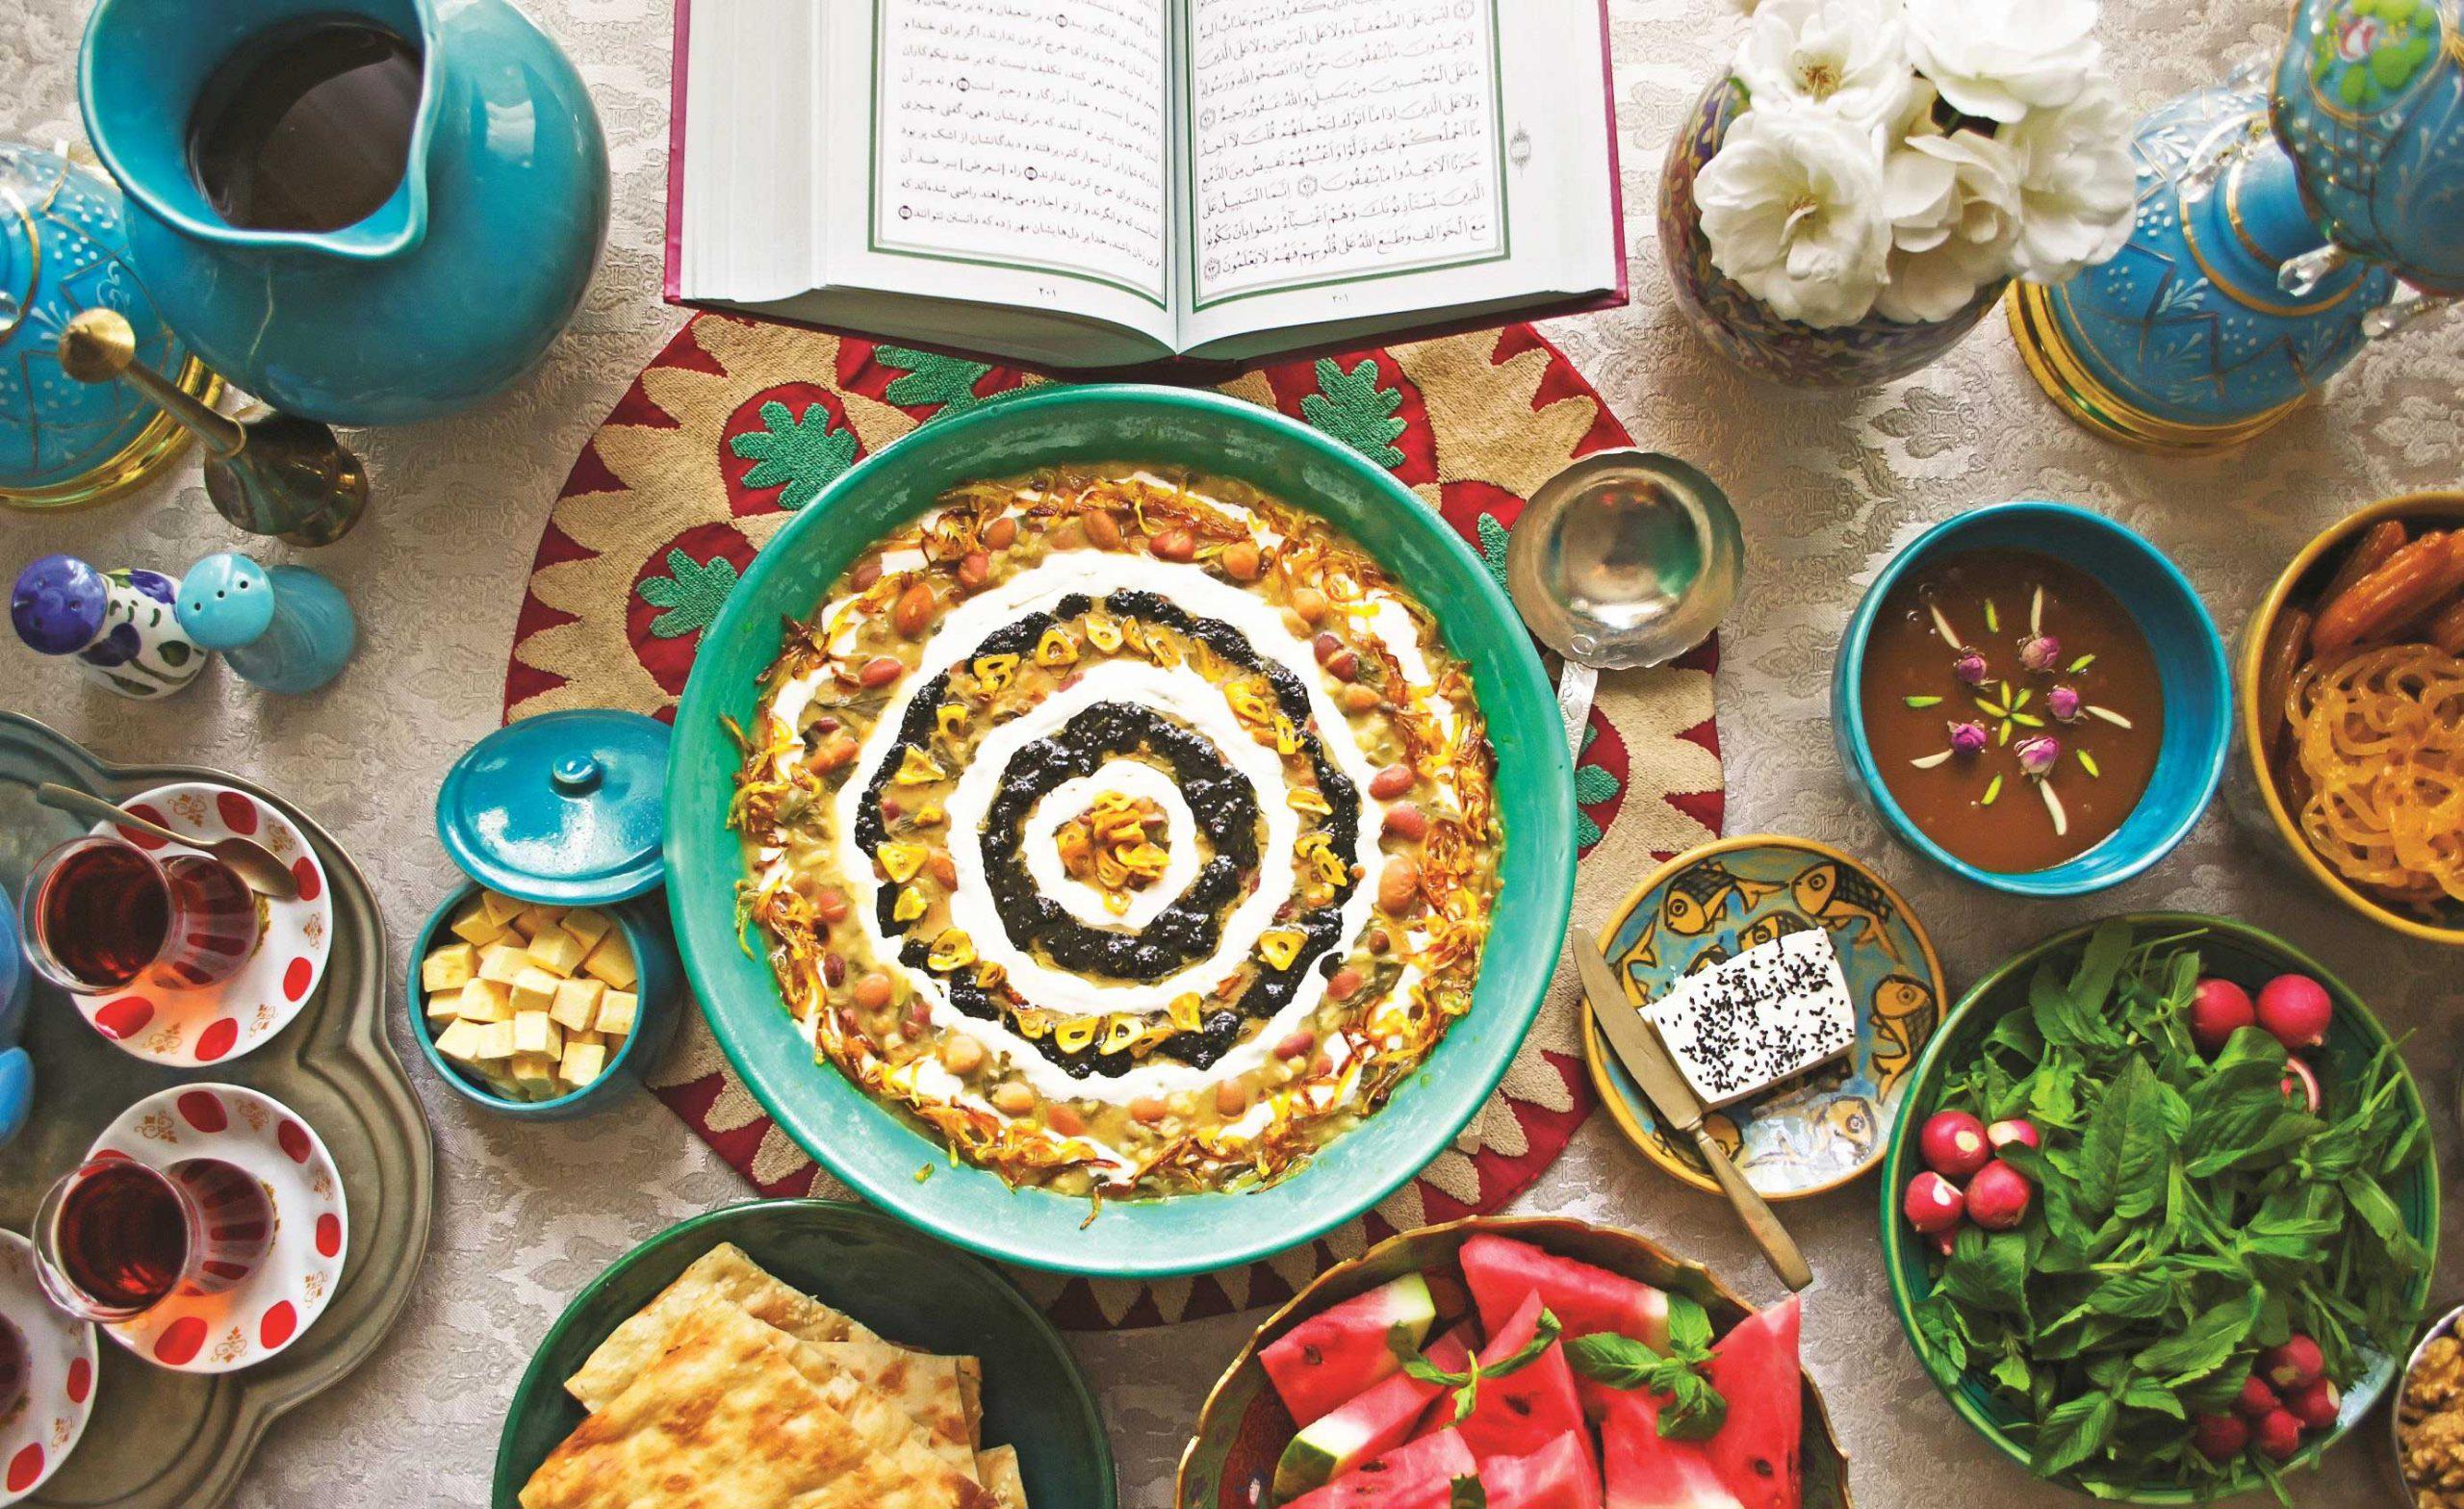 أطعمة الإيرانية في شهر رمضان